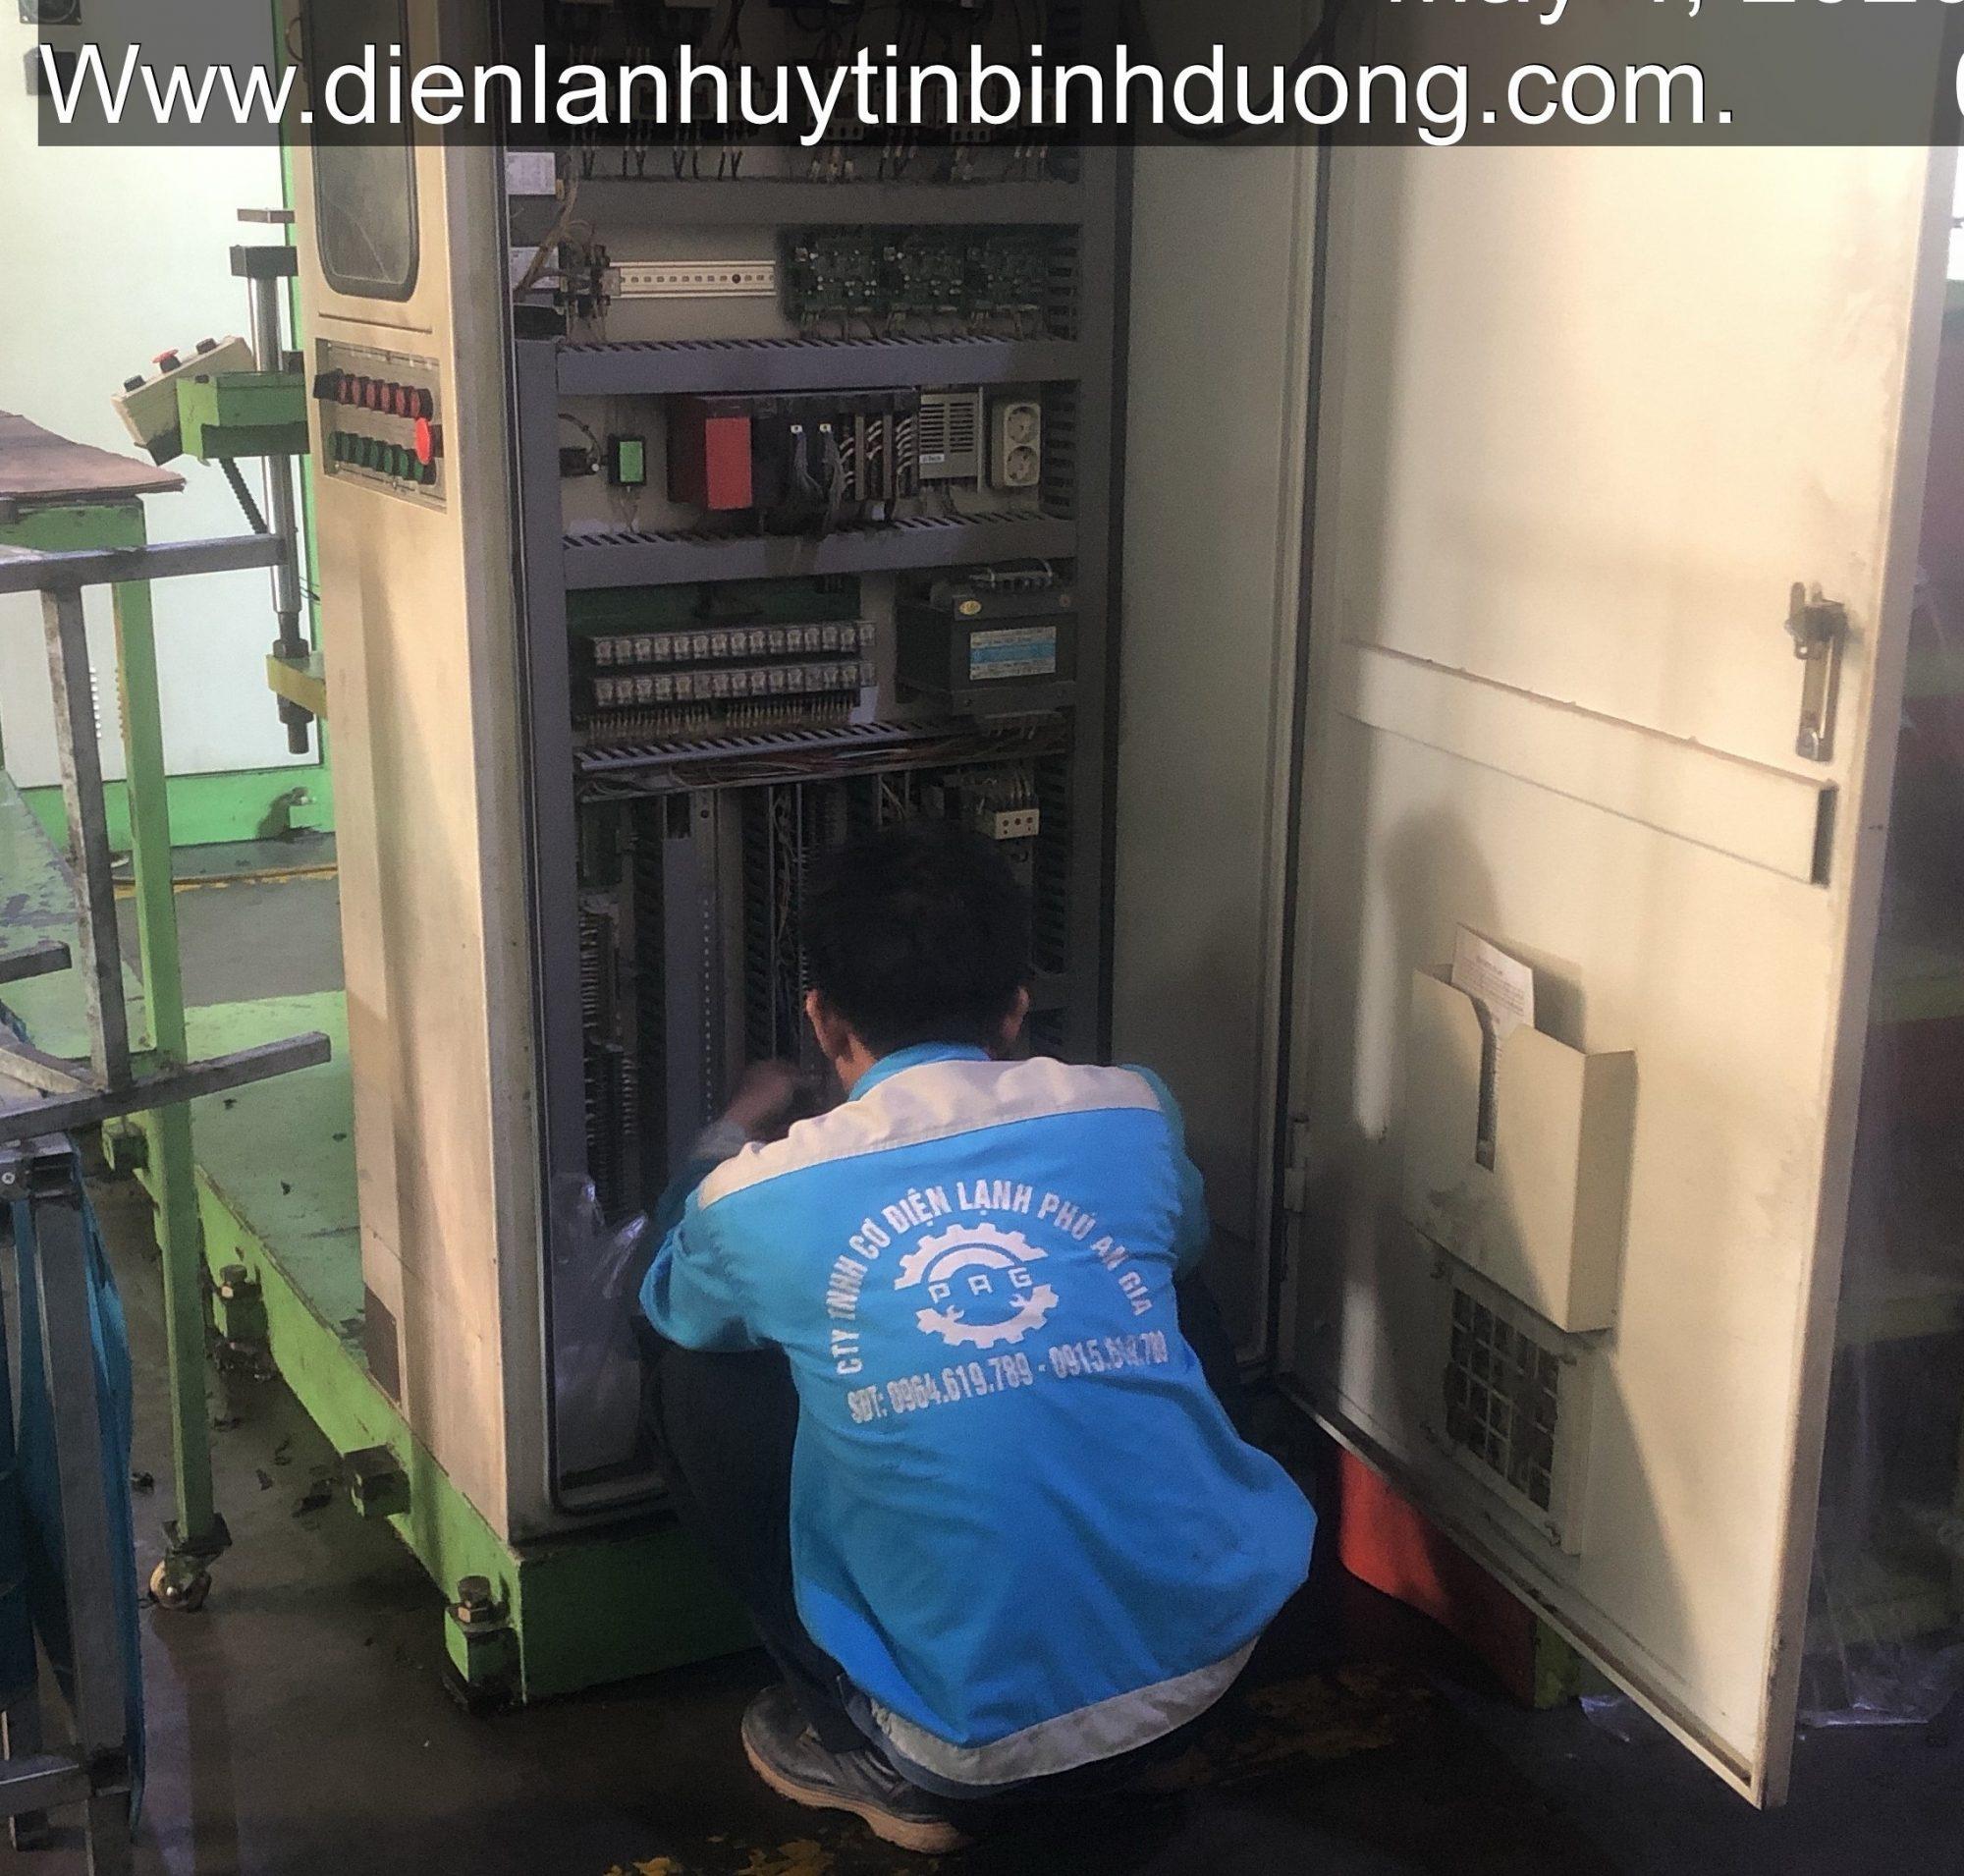 Sửa Chữa Tủ điện công nghiệp